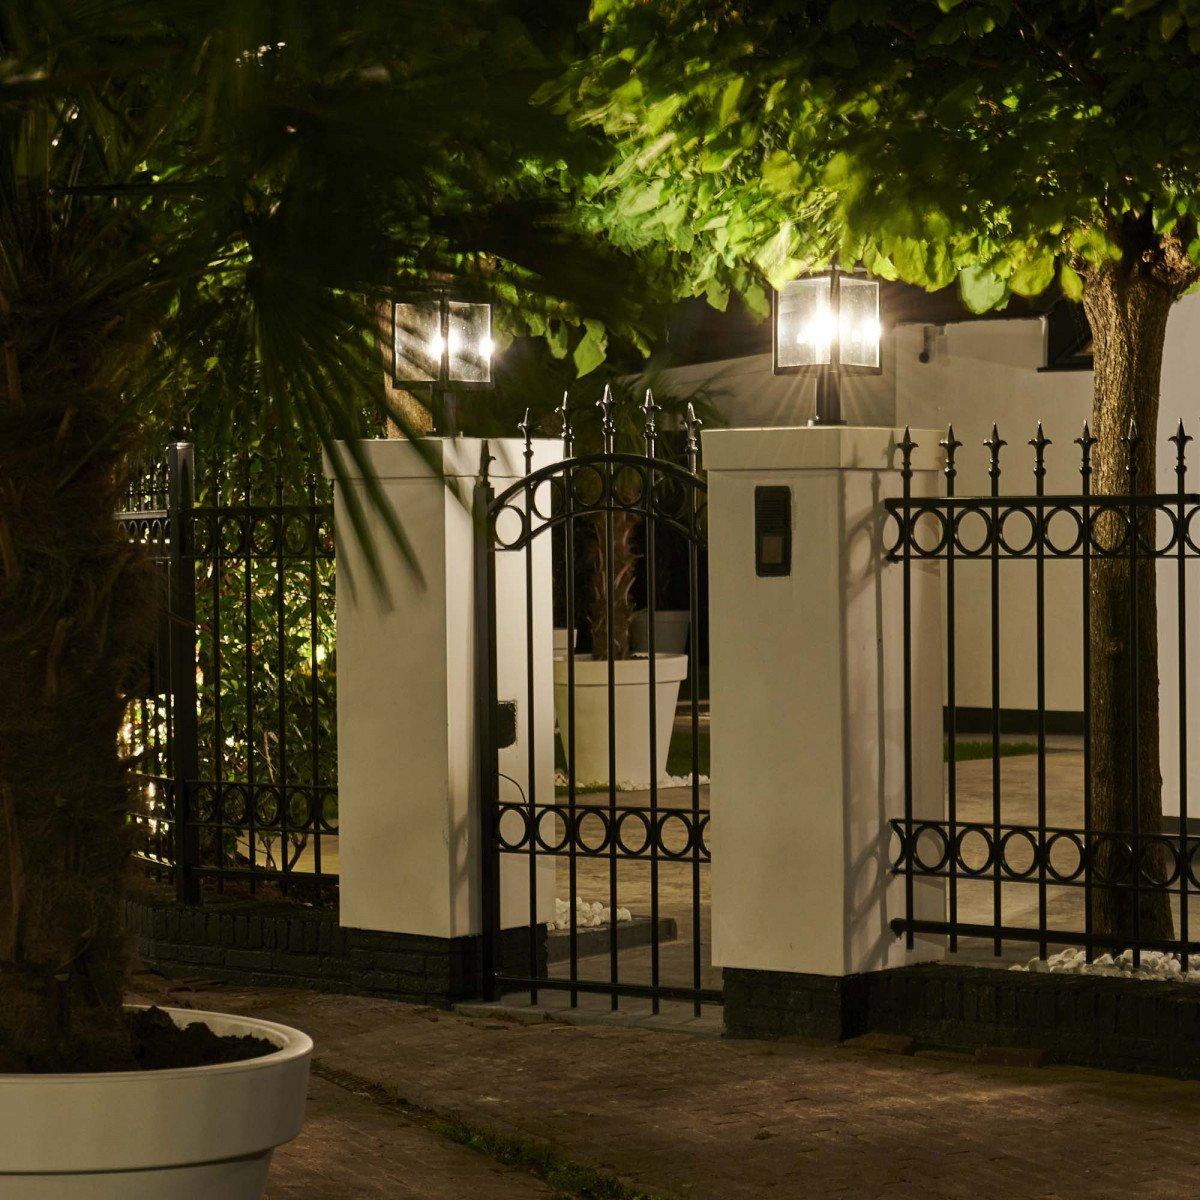 tuinlamp Vecht sokkel, strak klassieke tuinverlichting met heldere beglazing, stijlvolle klassieke buitenverlichting, tijdloos design, voor de moderne tuinen, terrasverlichting, buitenlamp voor het verlichten van een gemetselde kolom, pilaster, penant, po